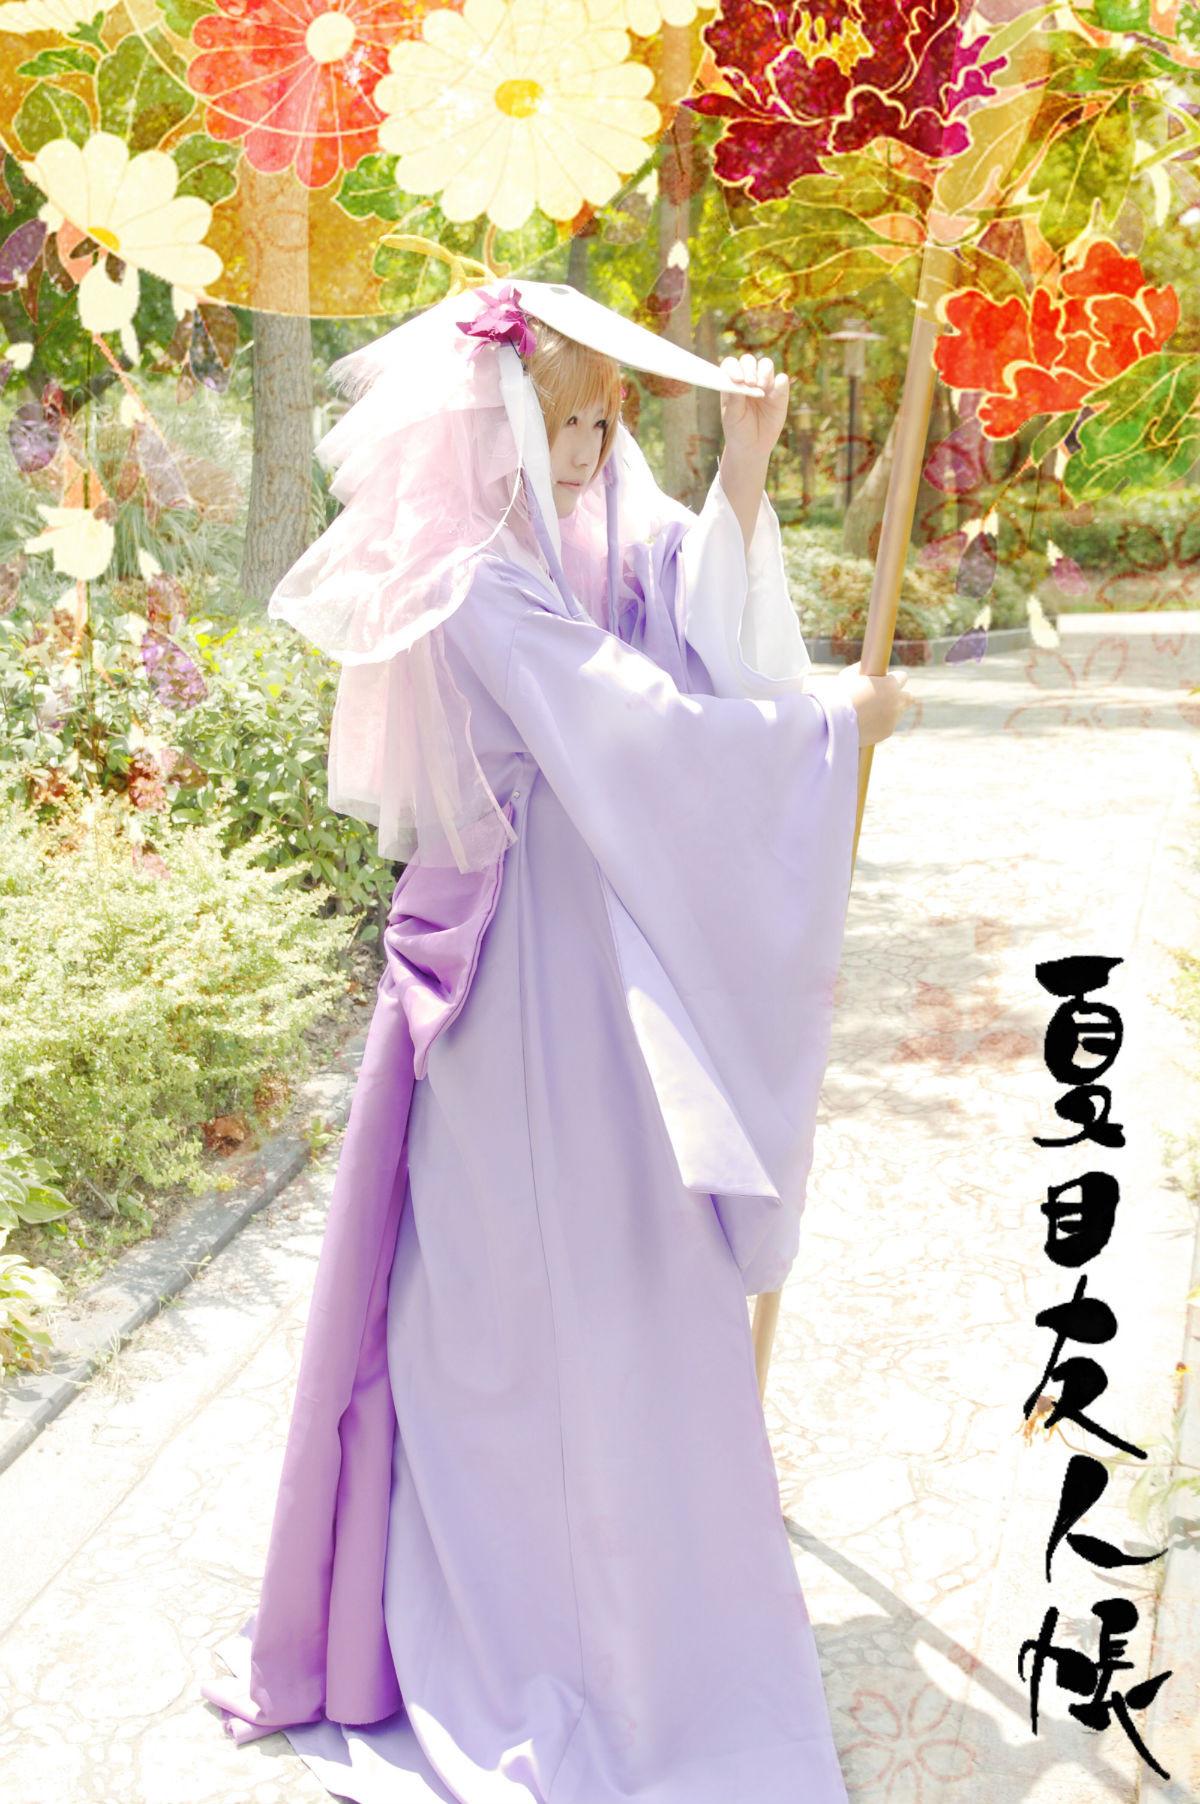 夏目友人帳 豊月神 コスプレ衣装 オーダーメイド